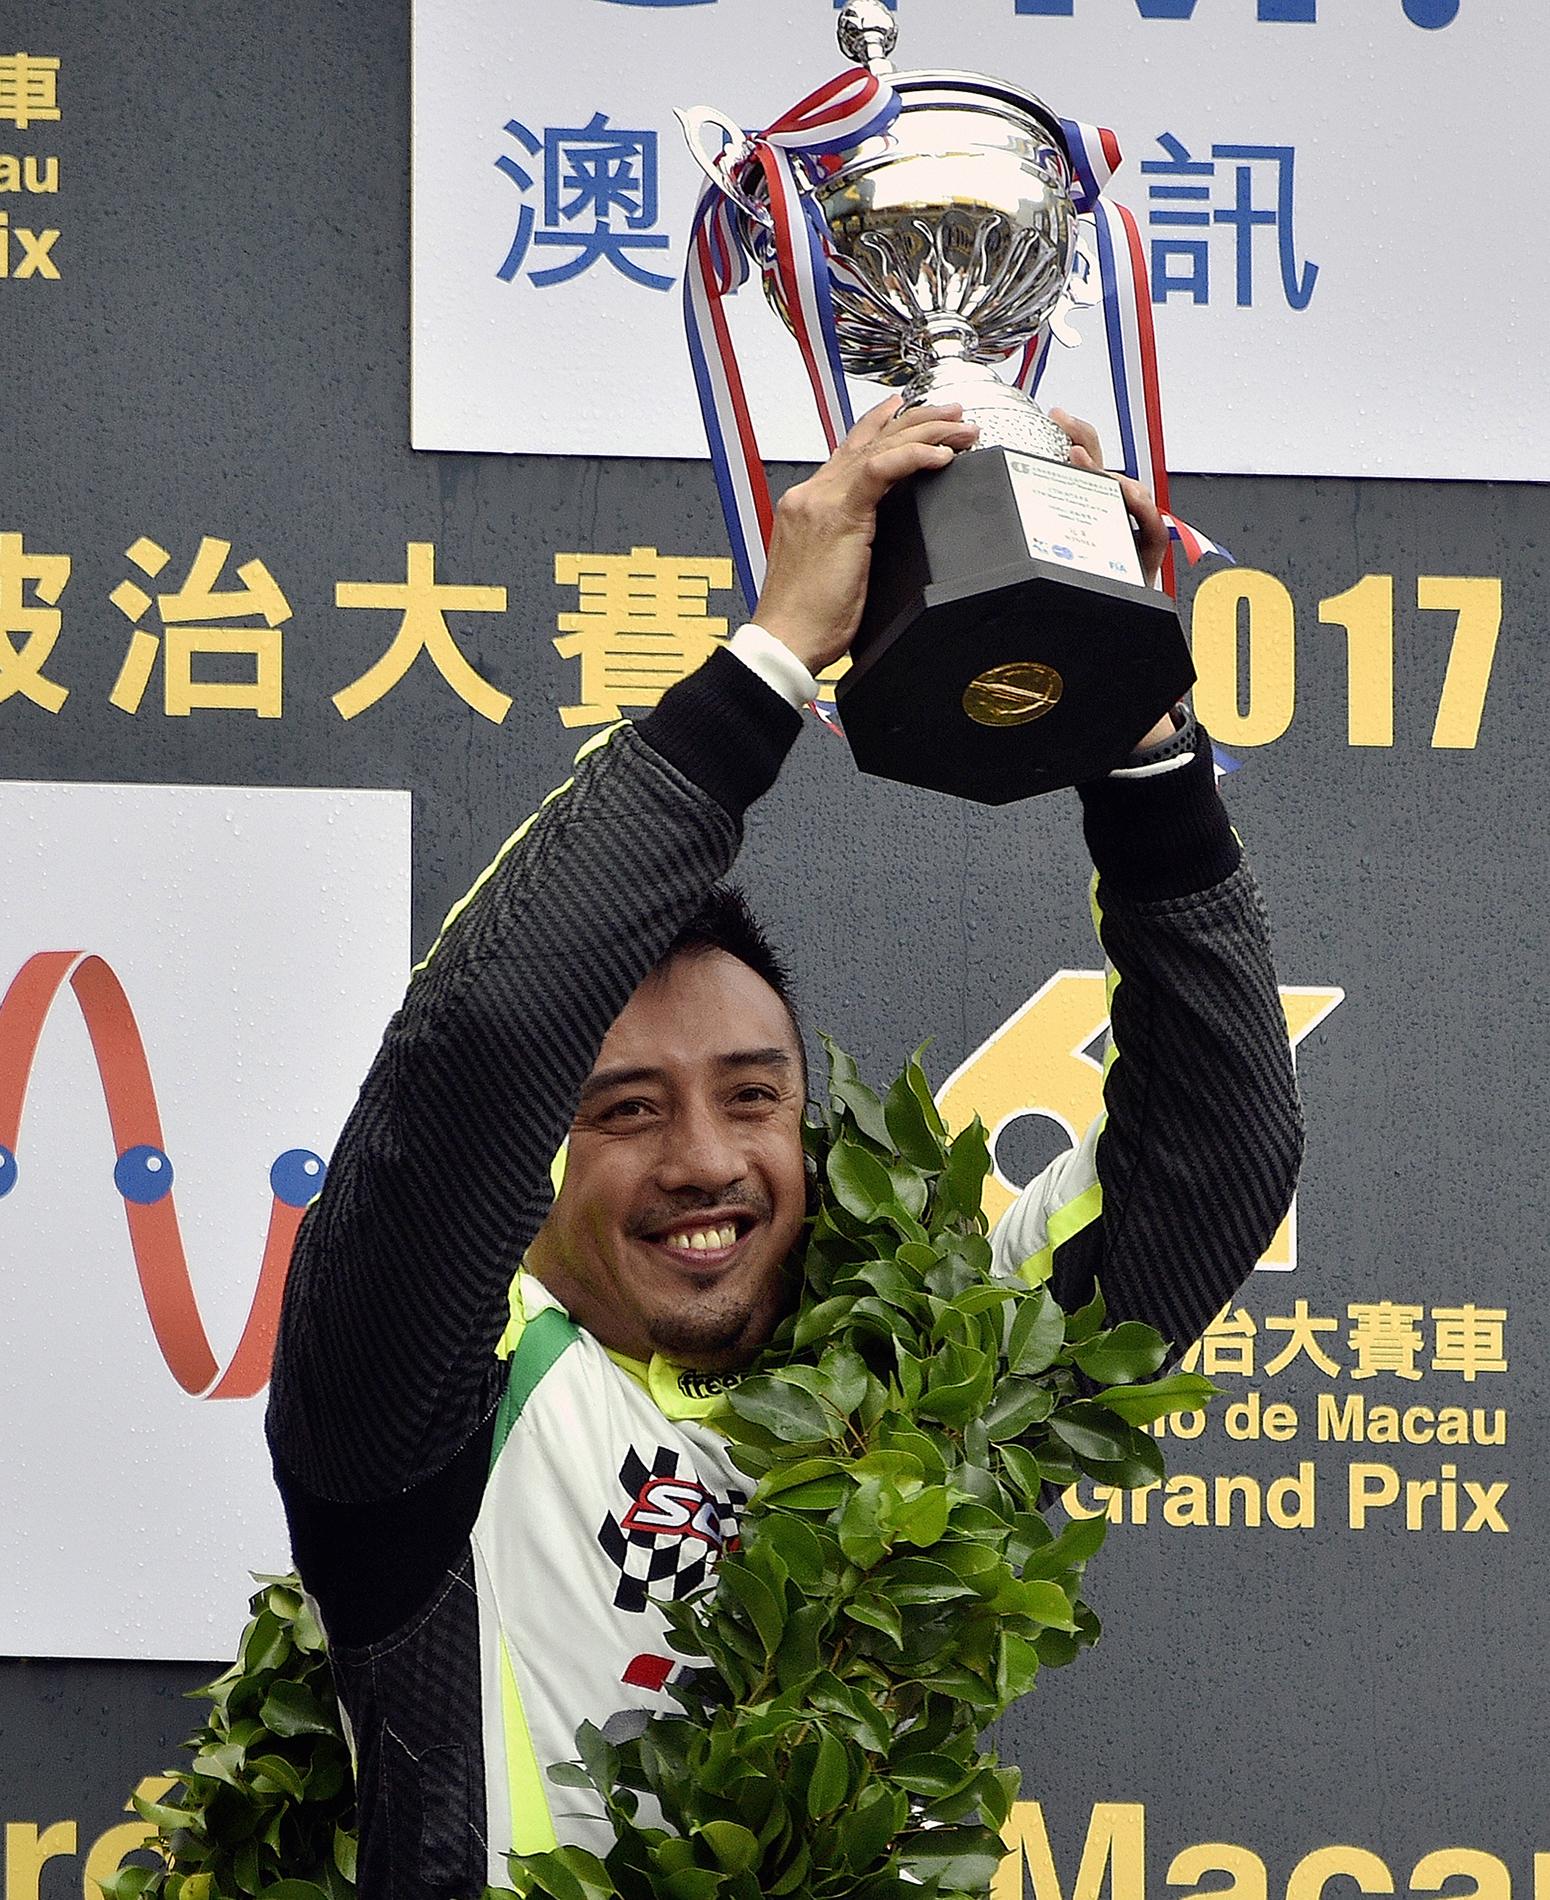 Vencedor da Taça CTM não sabe se volta ao GP